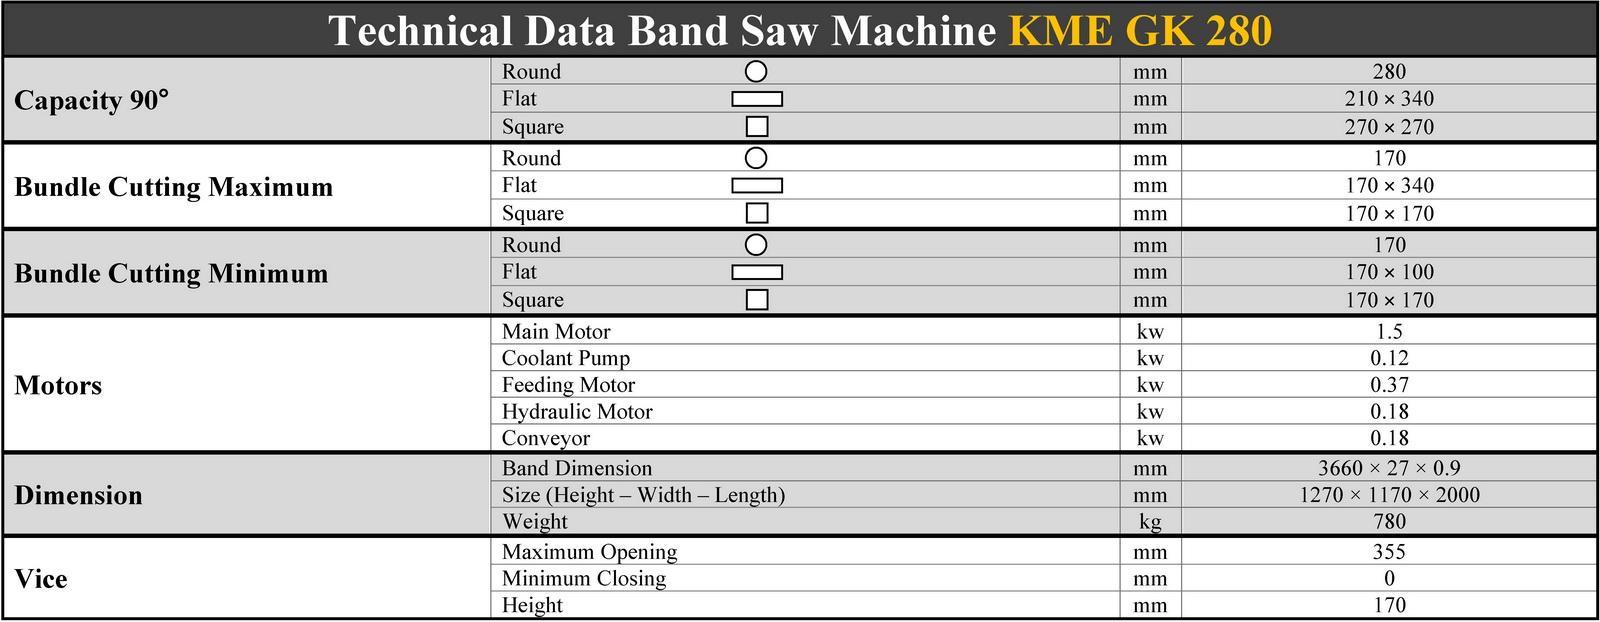 مشخصات فنی دستگاه اره نواری بازویی تمام اتوماتیک بندیل بر کسمک - KME GK 280